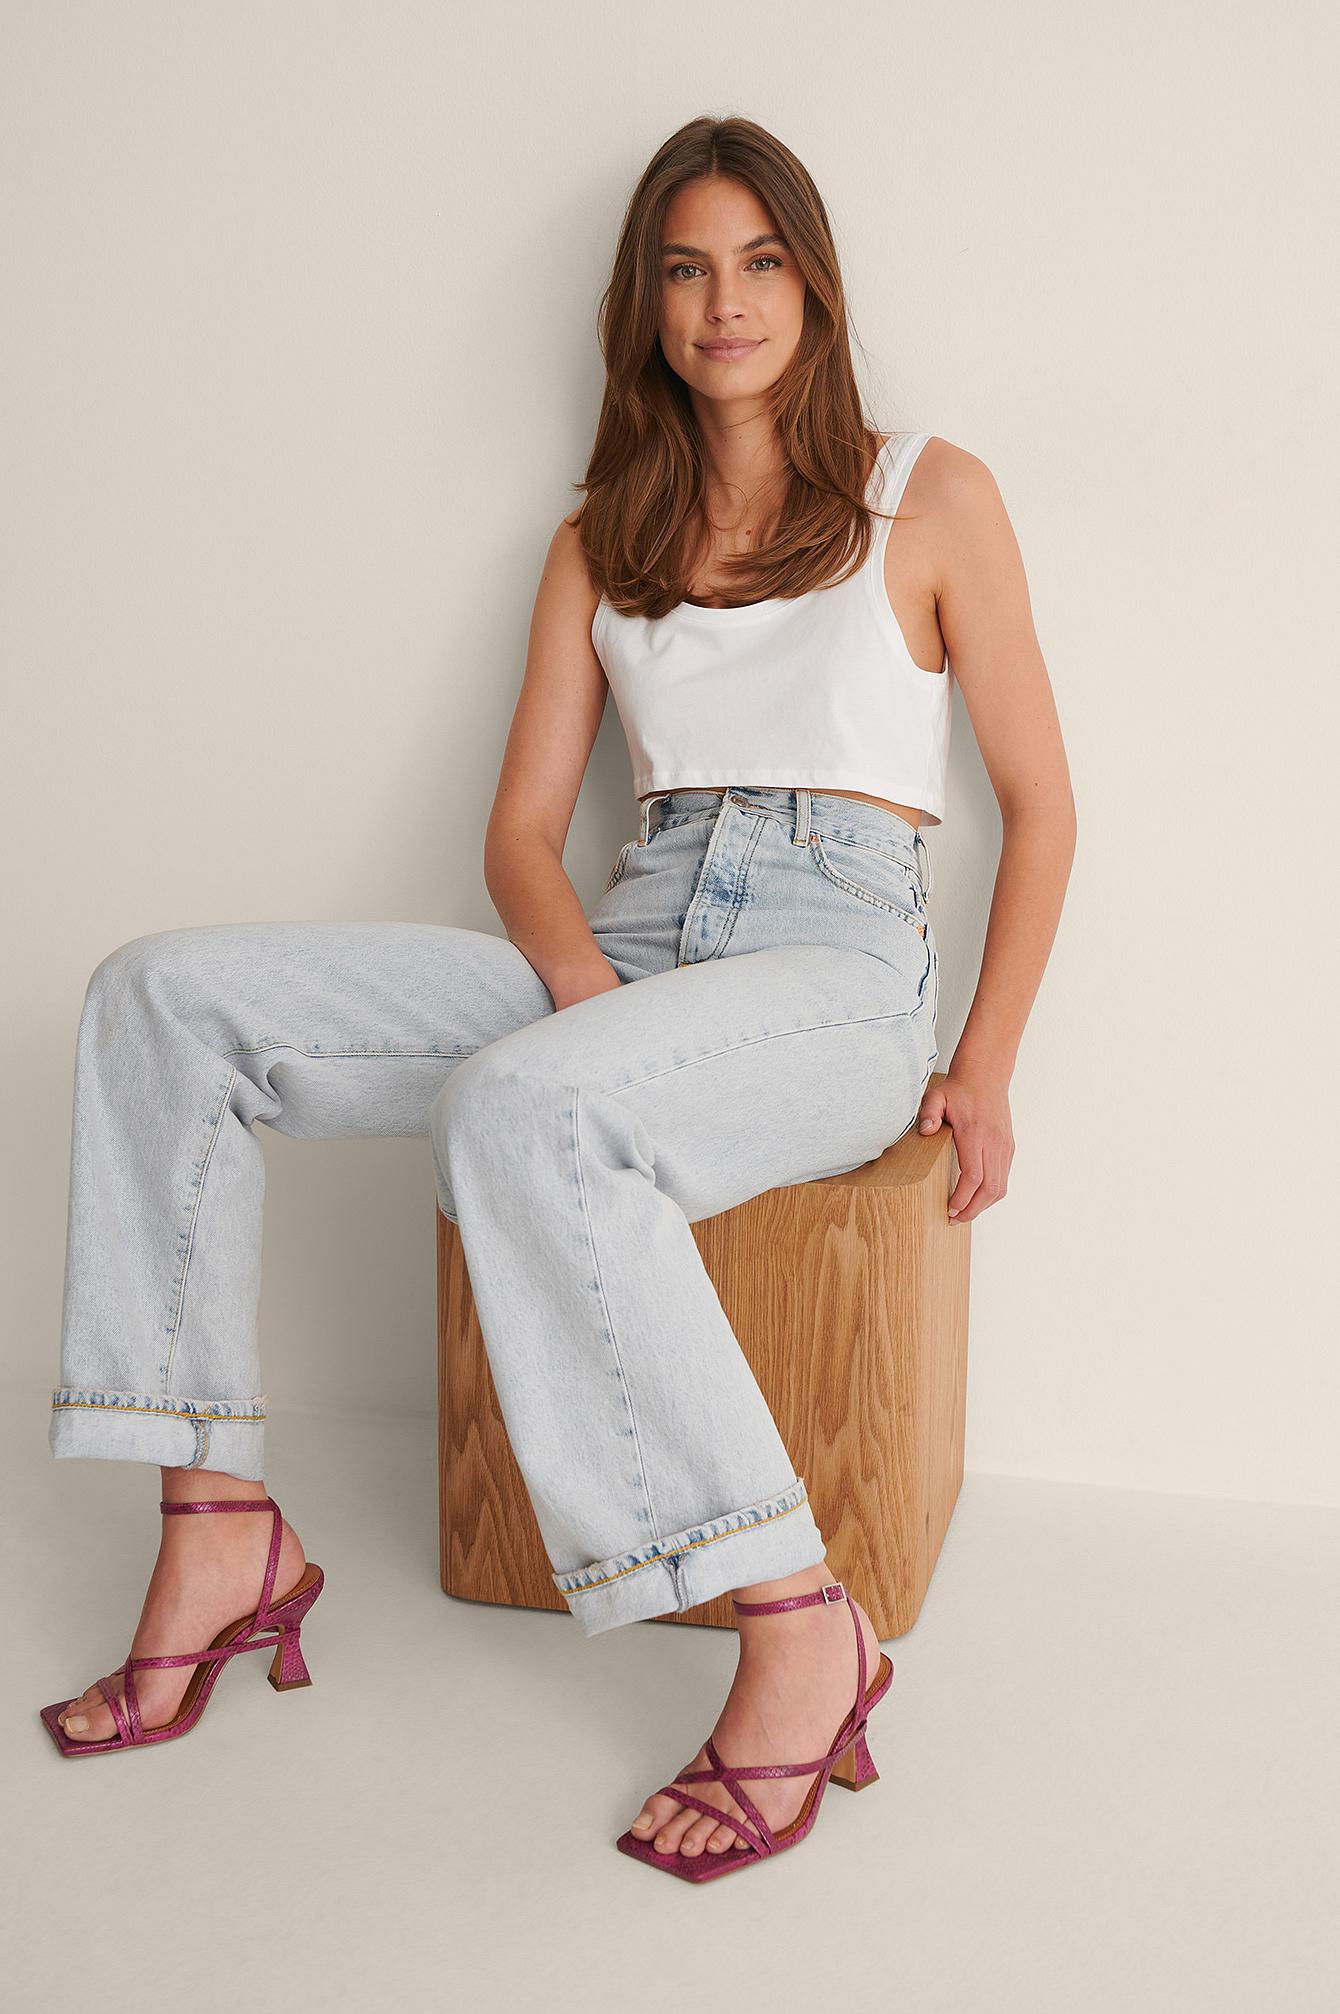 na-kd shoes -  Absatzschuhe Mit Überlappenden Riemchen - Pink